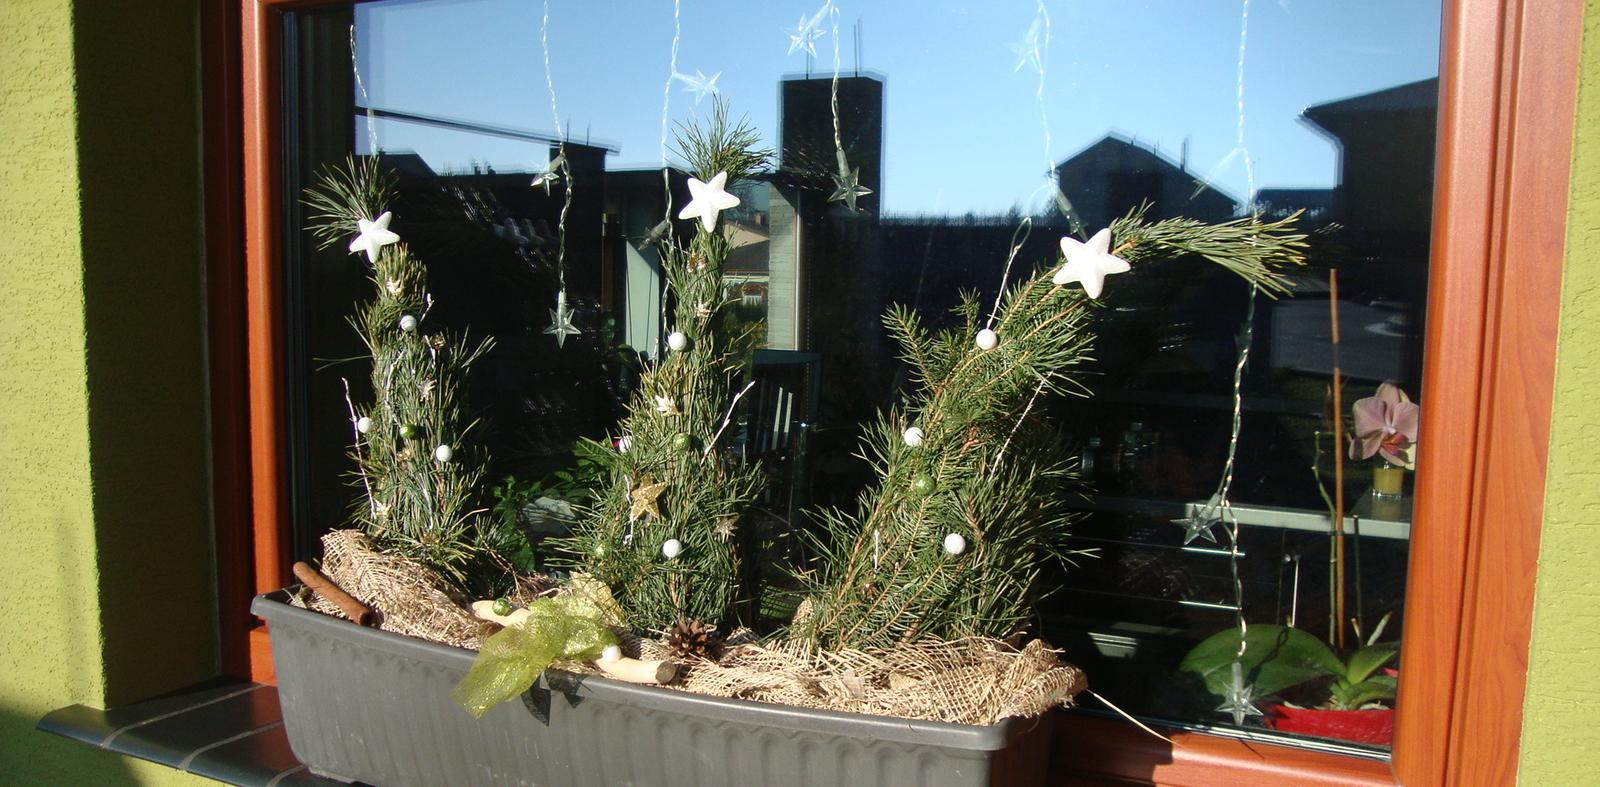 Náš domeček - i na okně máme stromečky